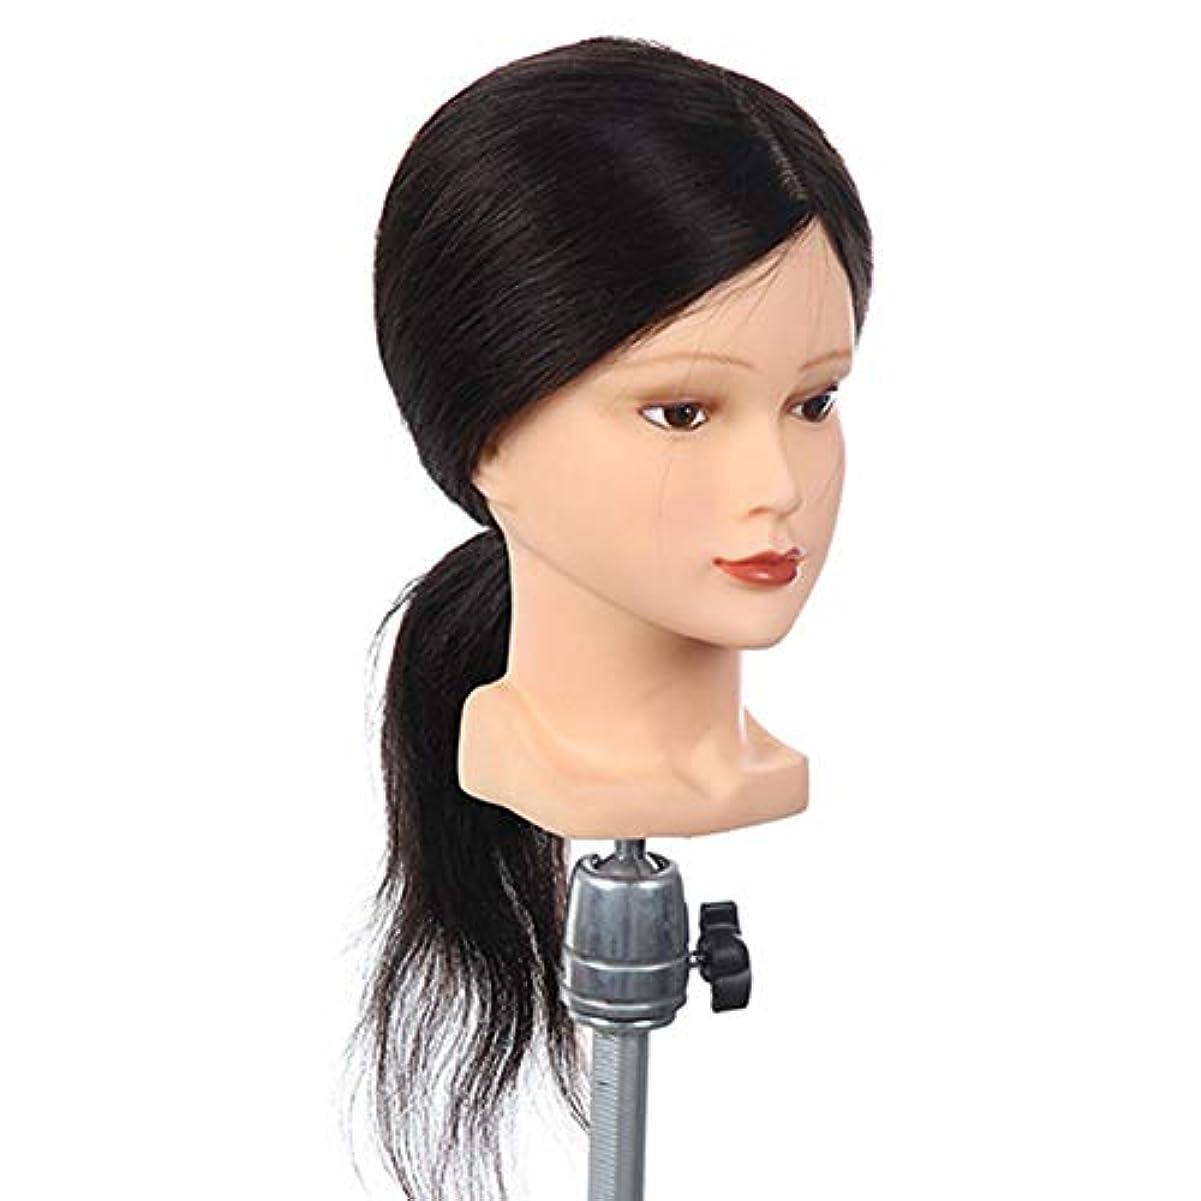 ラベル元の連続的100%本物の髪型モデルヘッド花嫁ヘアエクササイズヘッド金型理髪店学習ダミーヘッドはパーマ毛髪染料することができます